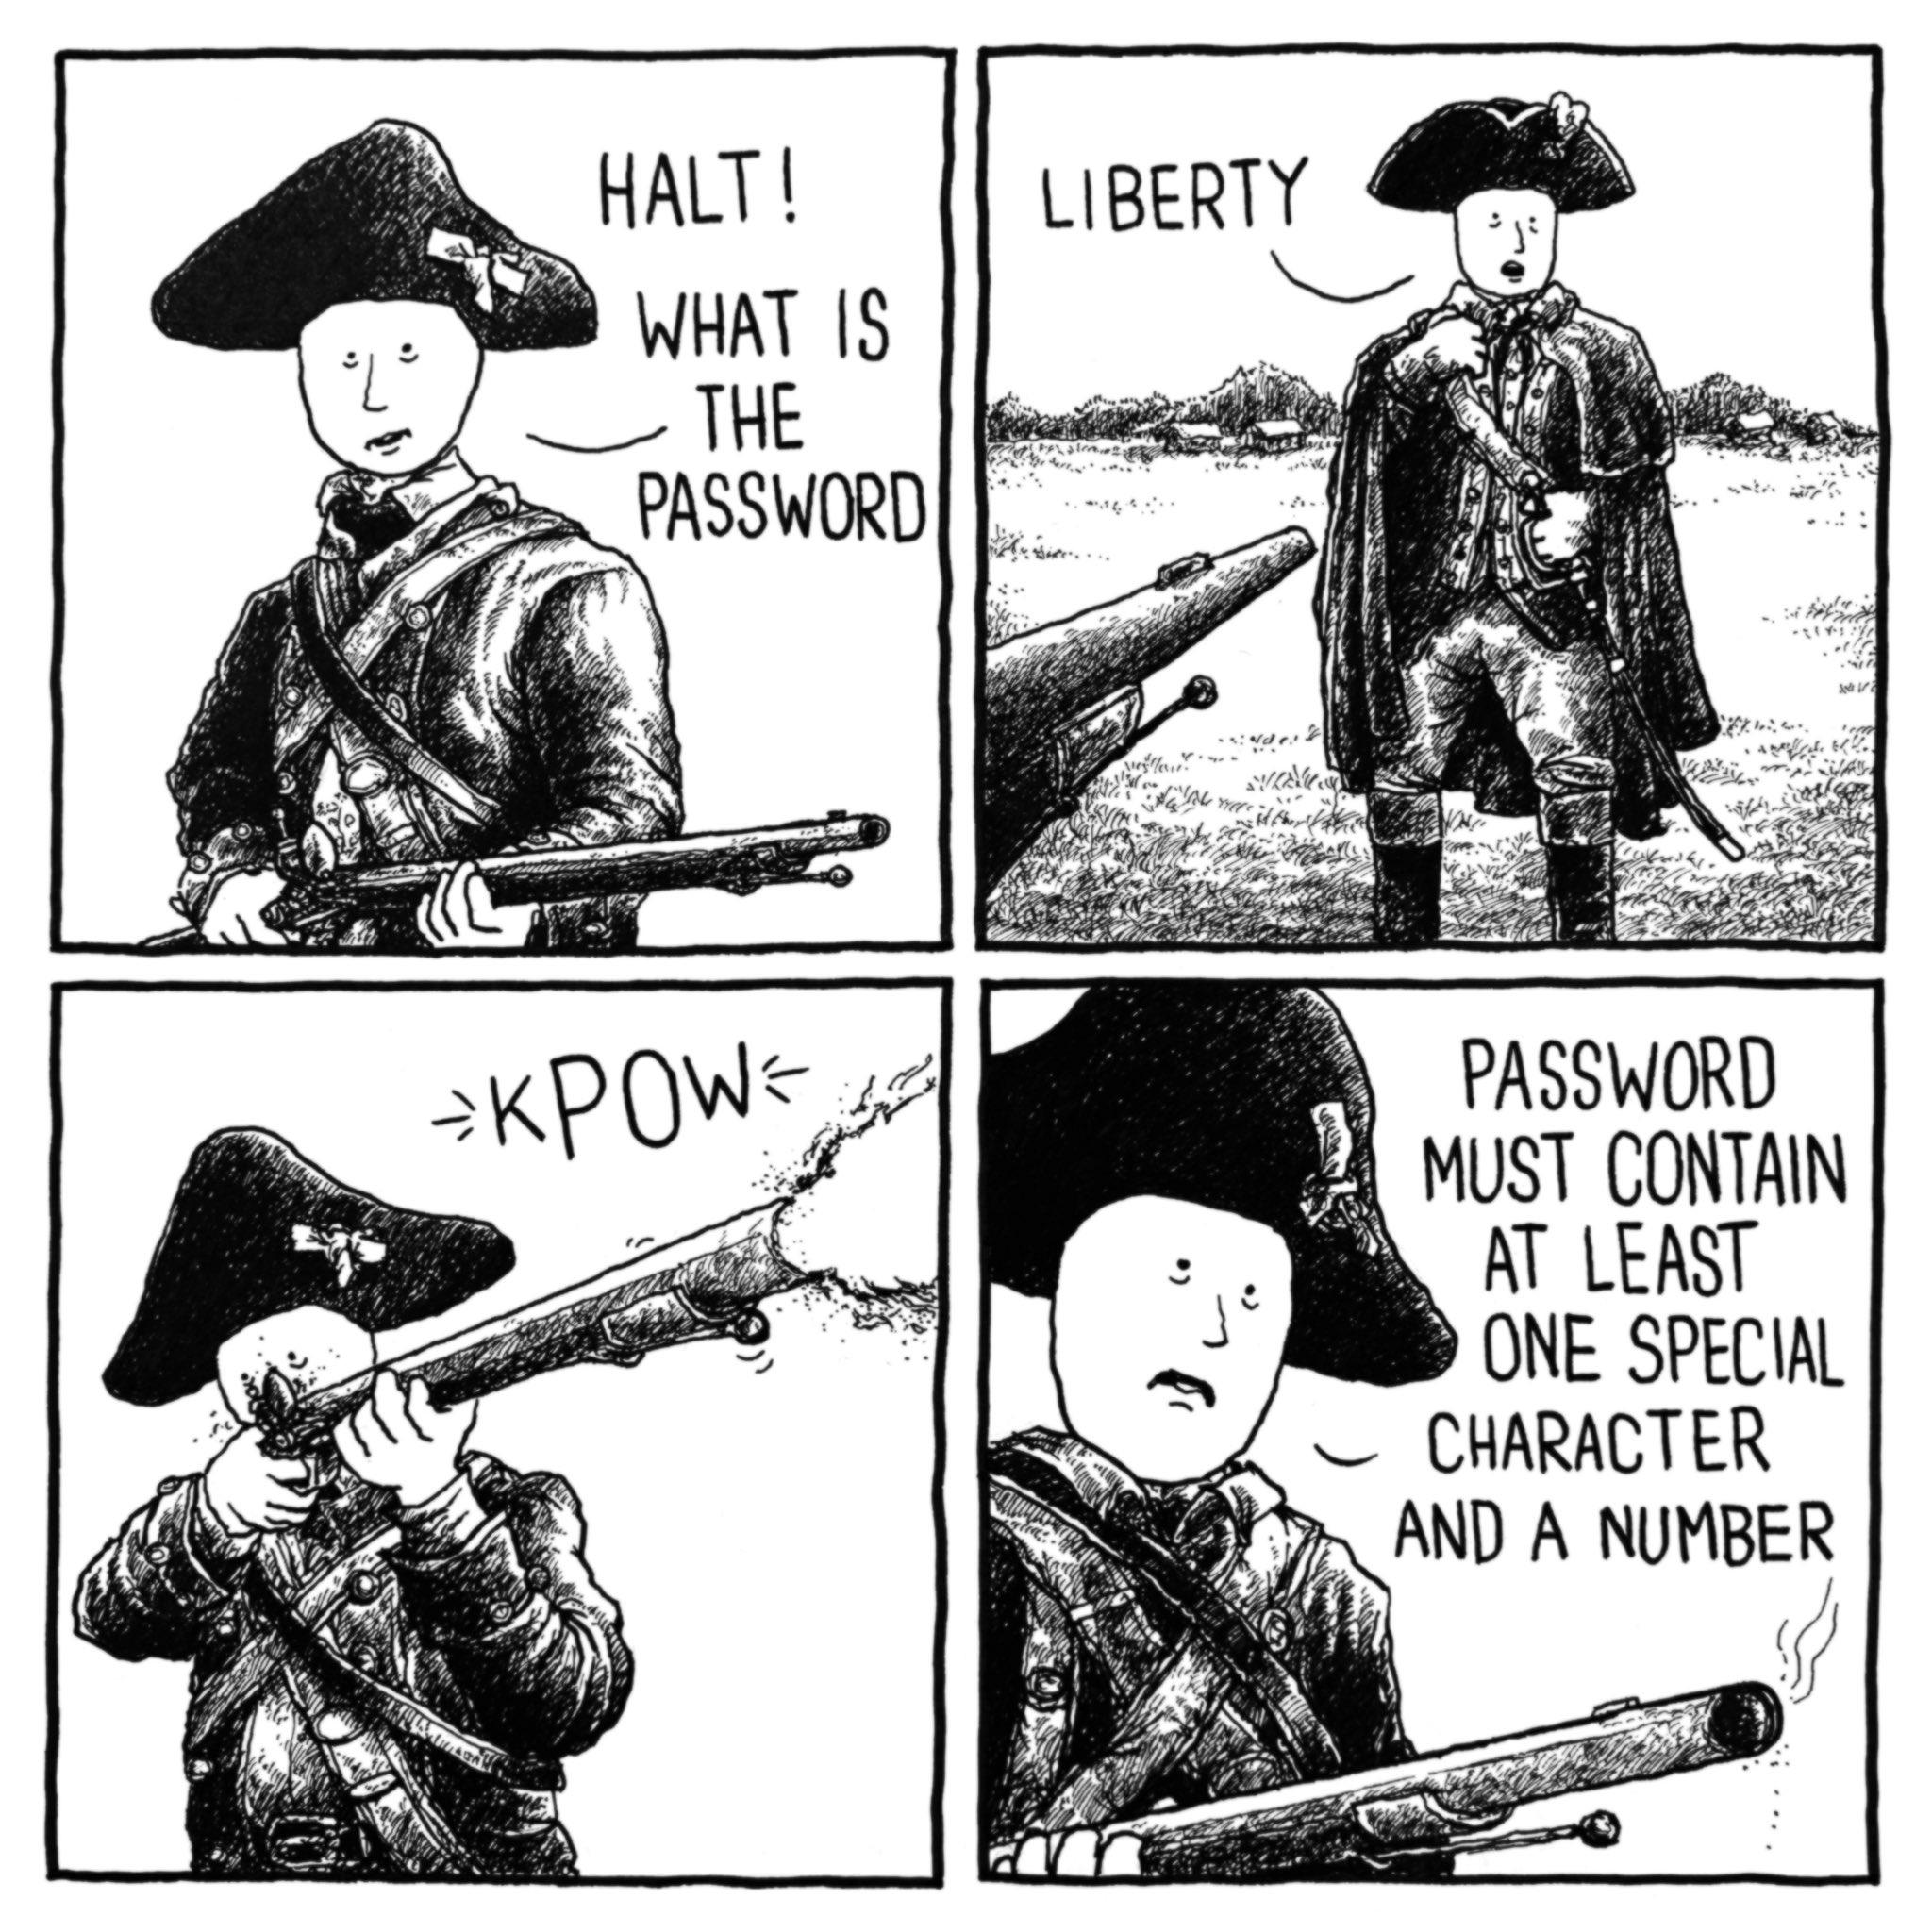 Ye Olde Passworde https://t.co/QNXLmaf3VP